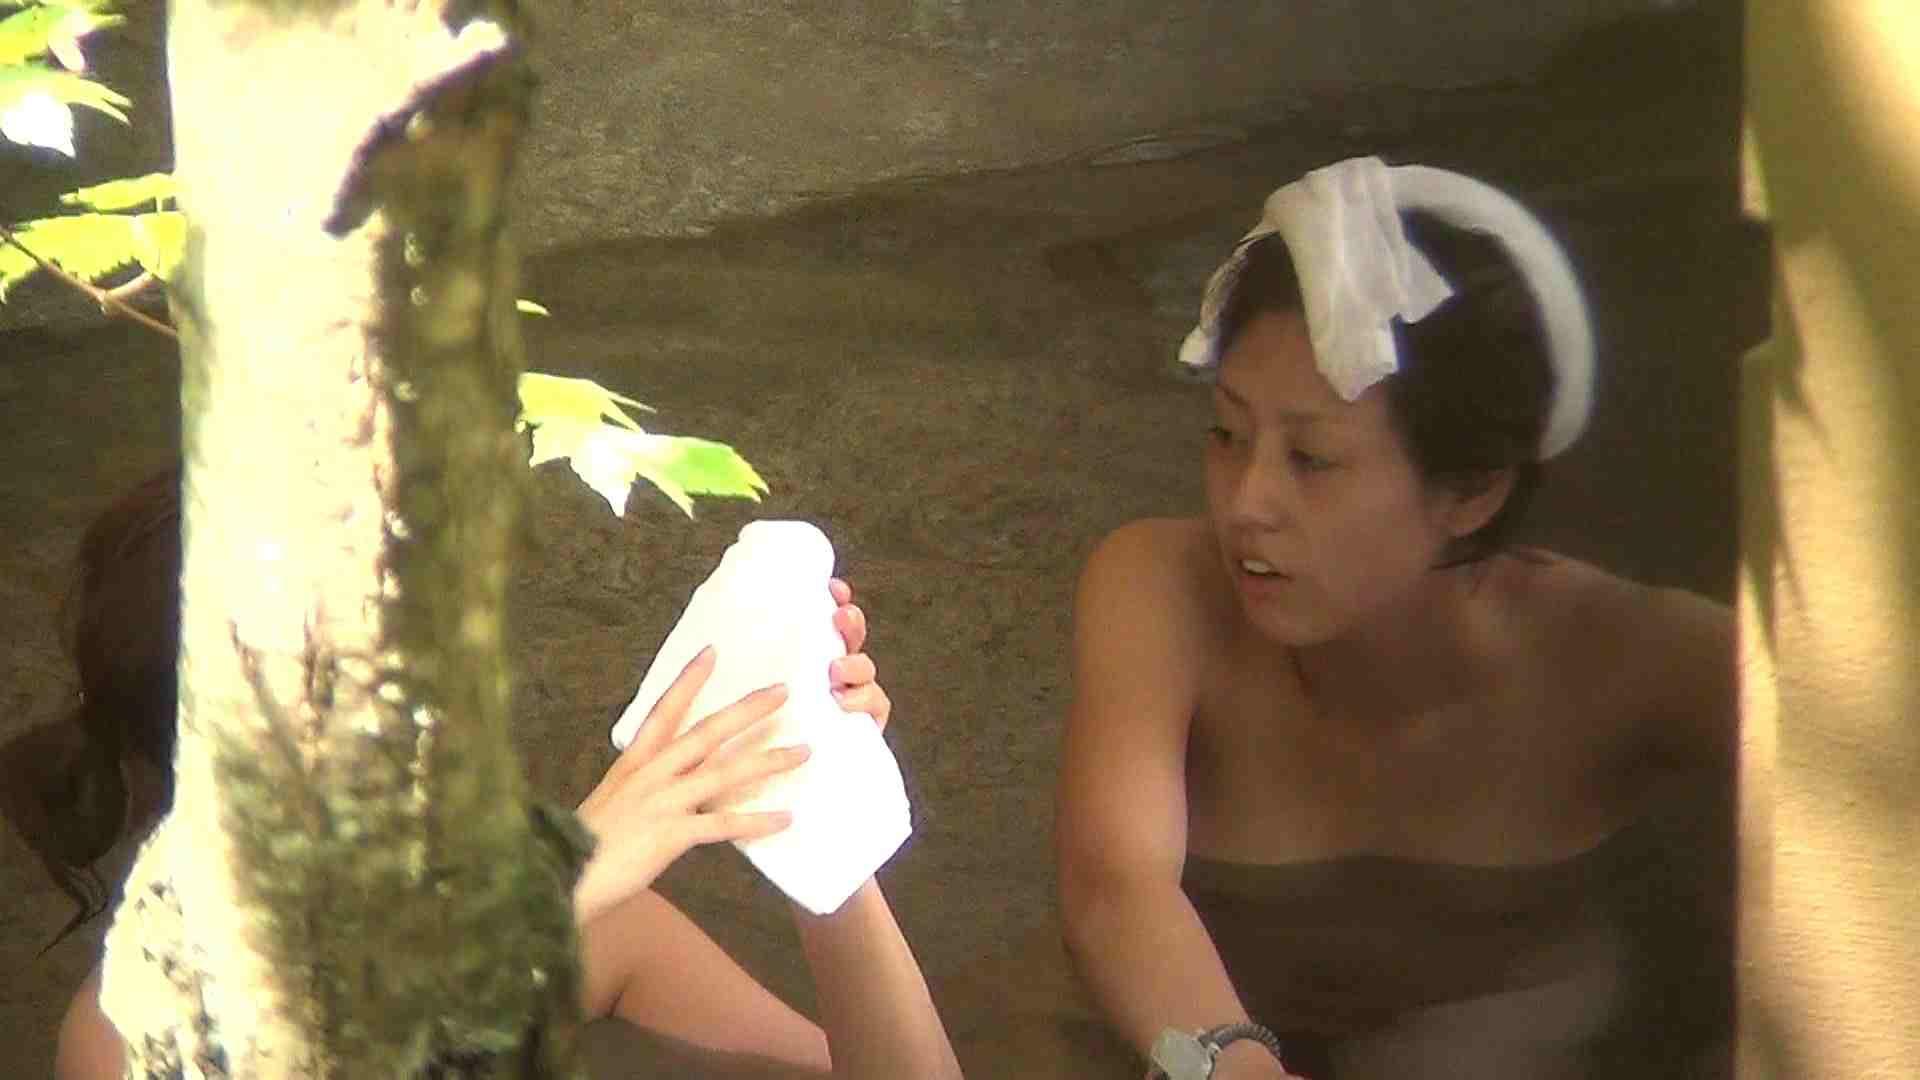 ハイビジョンVol.13 上は美人で下の下は薄いカーテン 露天 盗み撮り動画 108pic 88